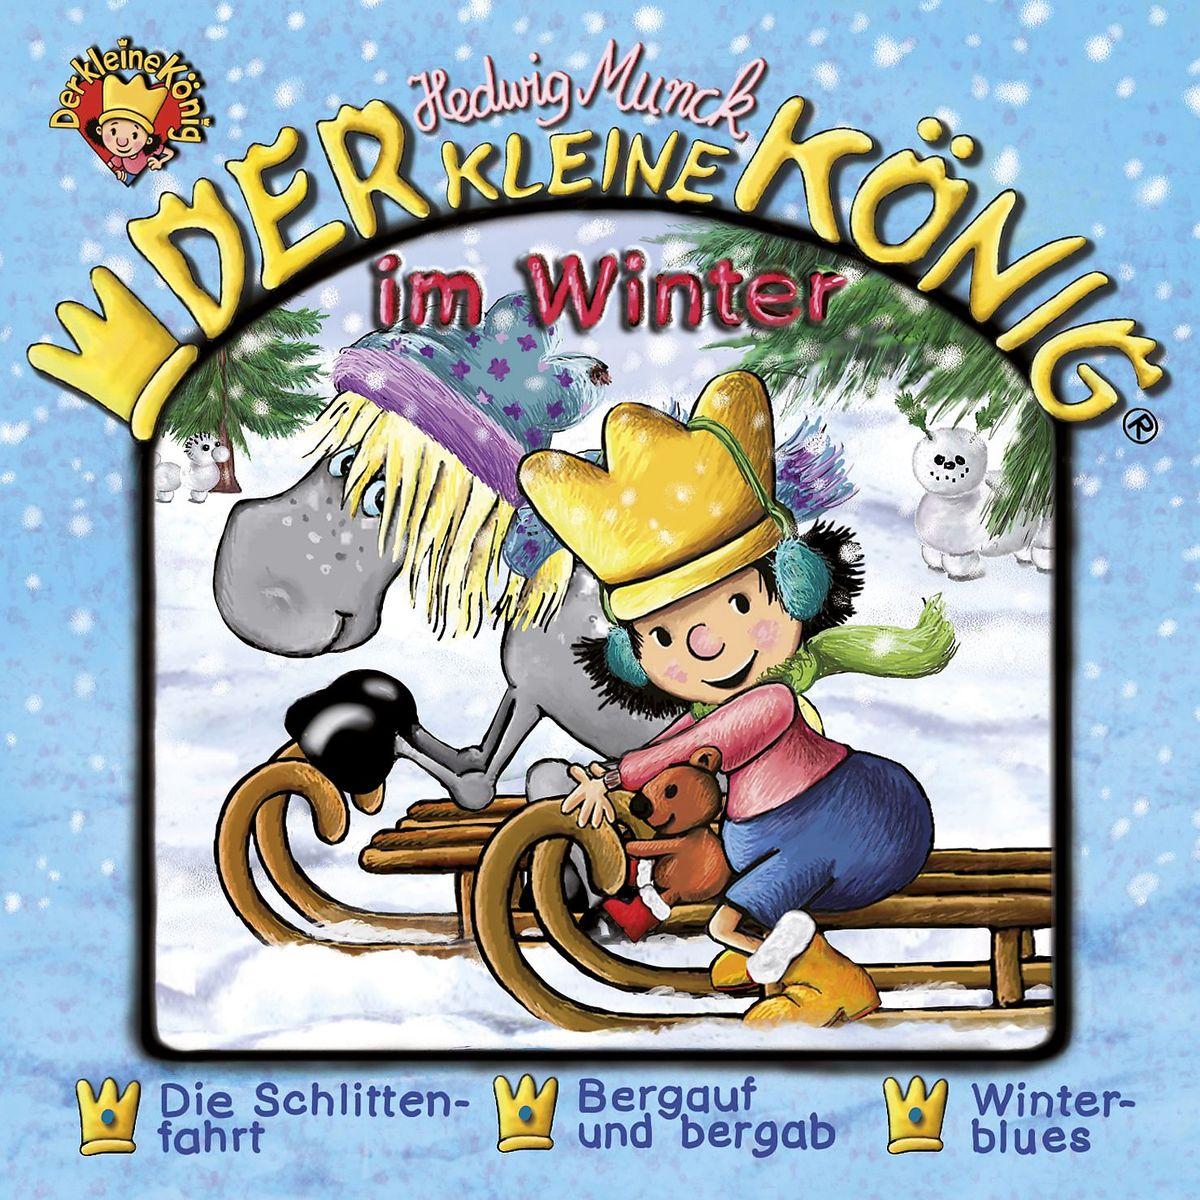 der kleine könig im winter  gewinnspiel  daddyhero